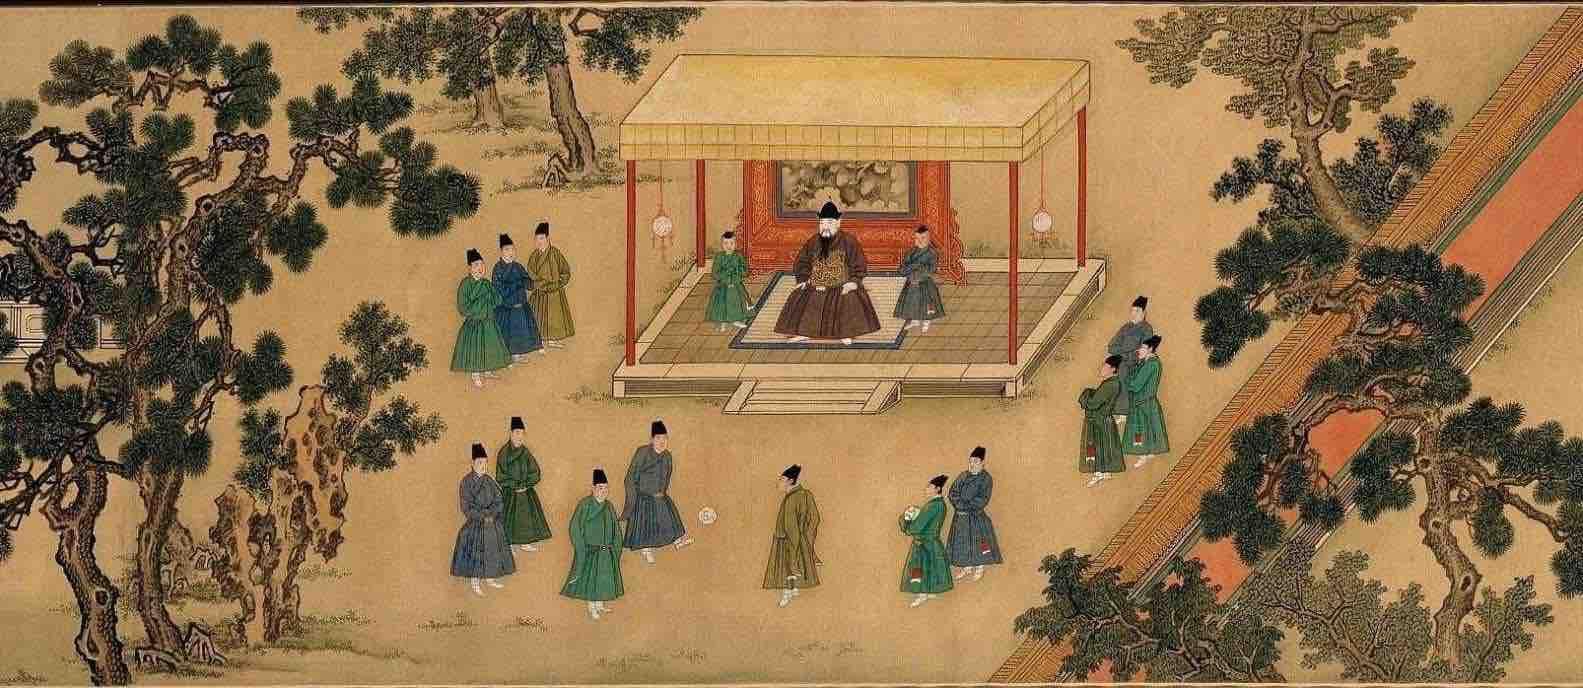 """Painting """"Zhu Zhanji Xing Le Tu"""" Presenting Emperor Zhu Zhanji's Entertainment Activities in the Royal Palace Part 5"""